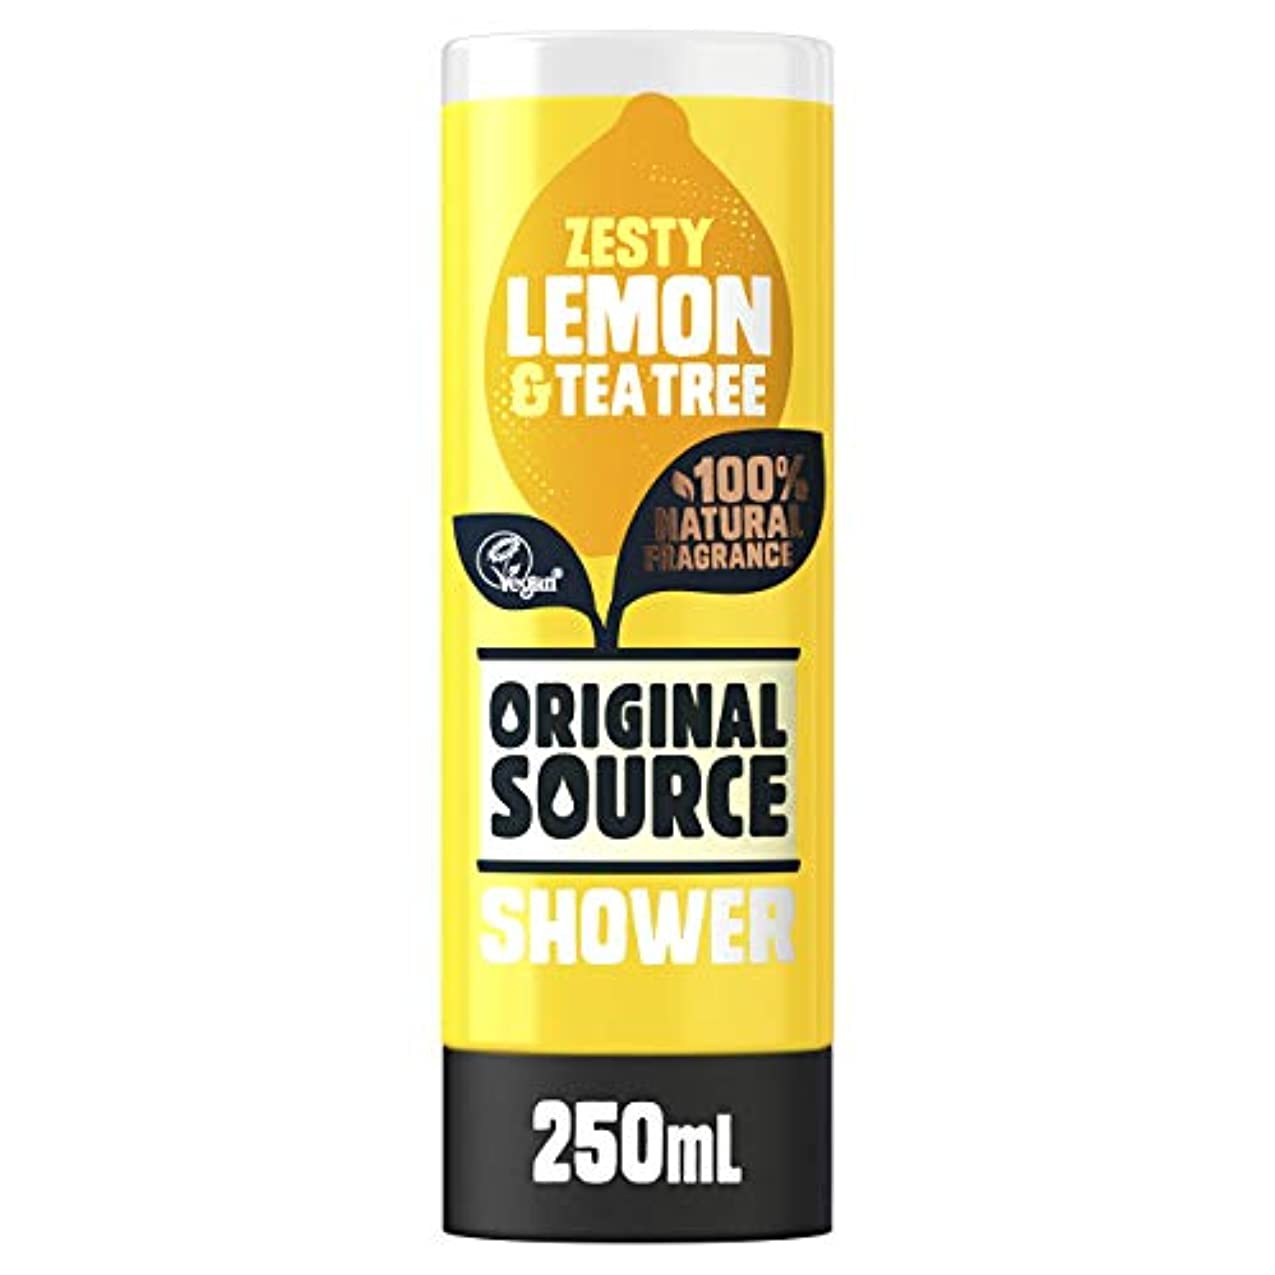 テセウス迷惑取り除くCussons Lemon and Tea Tree Original Source Shower Gel by PZ CUSSONS (UK) LTD